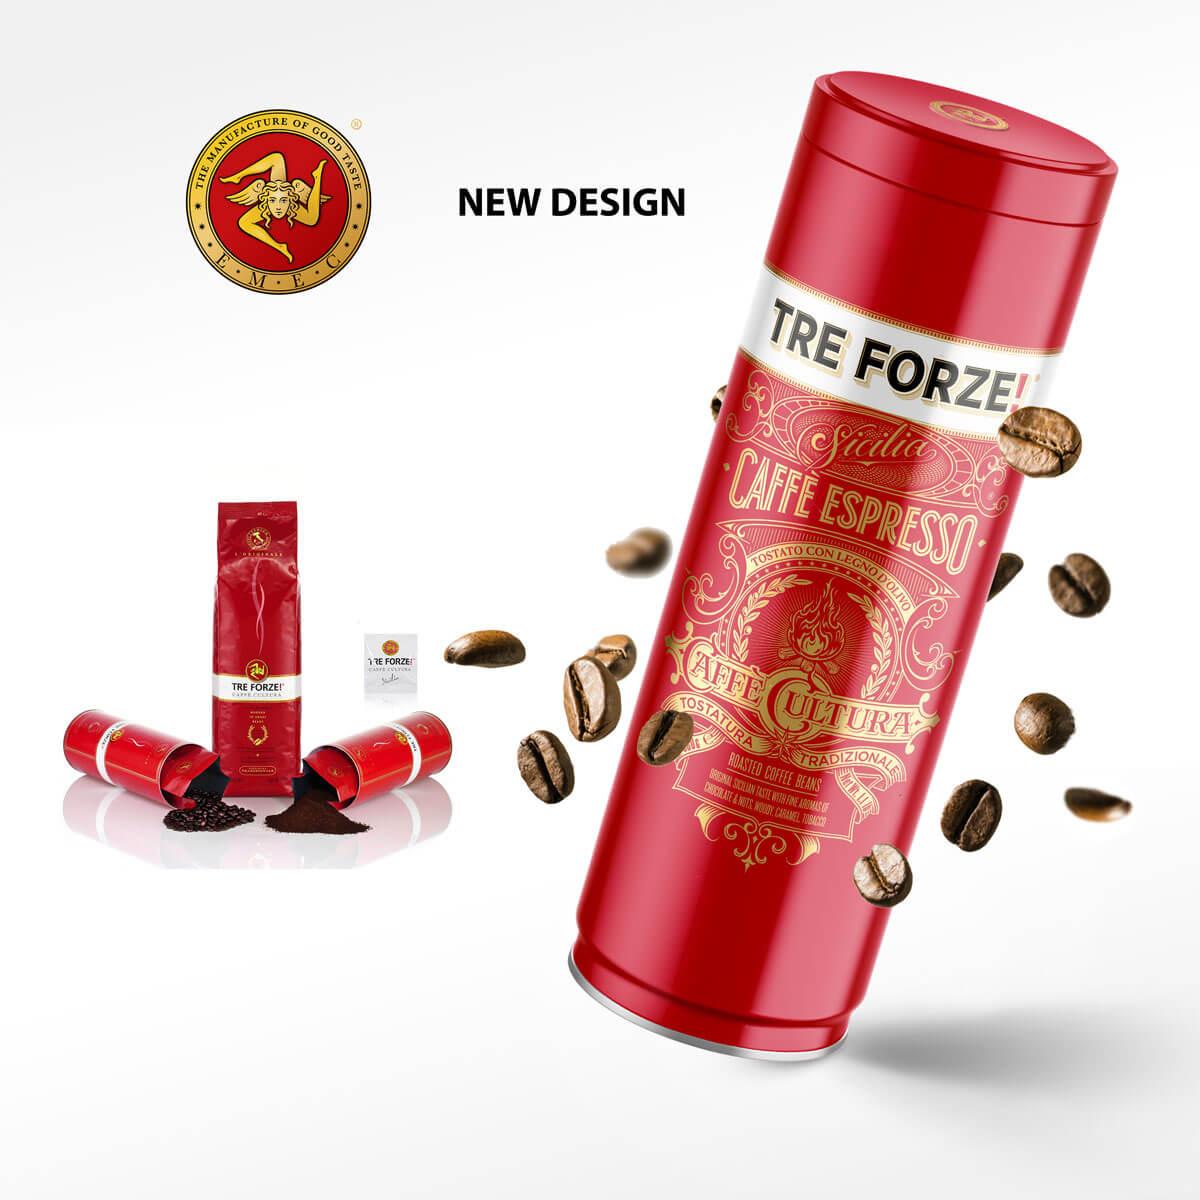 TRE FORZE! Kaffeedose altes und neues Design Rebranding